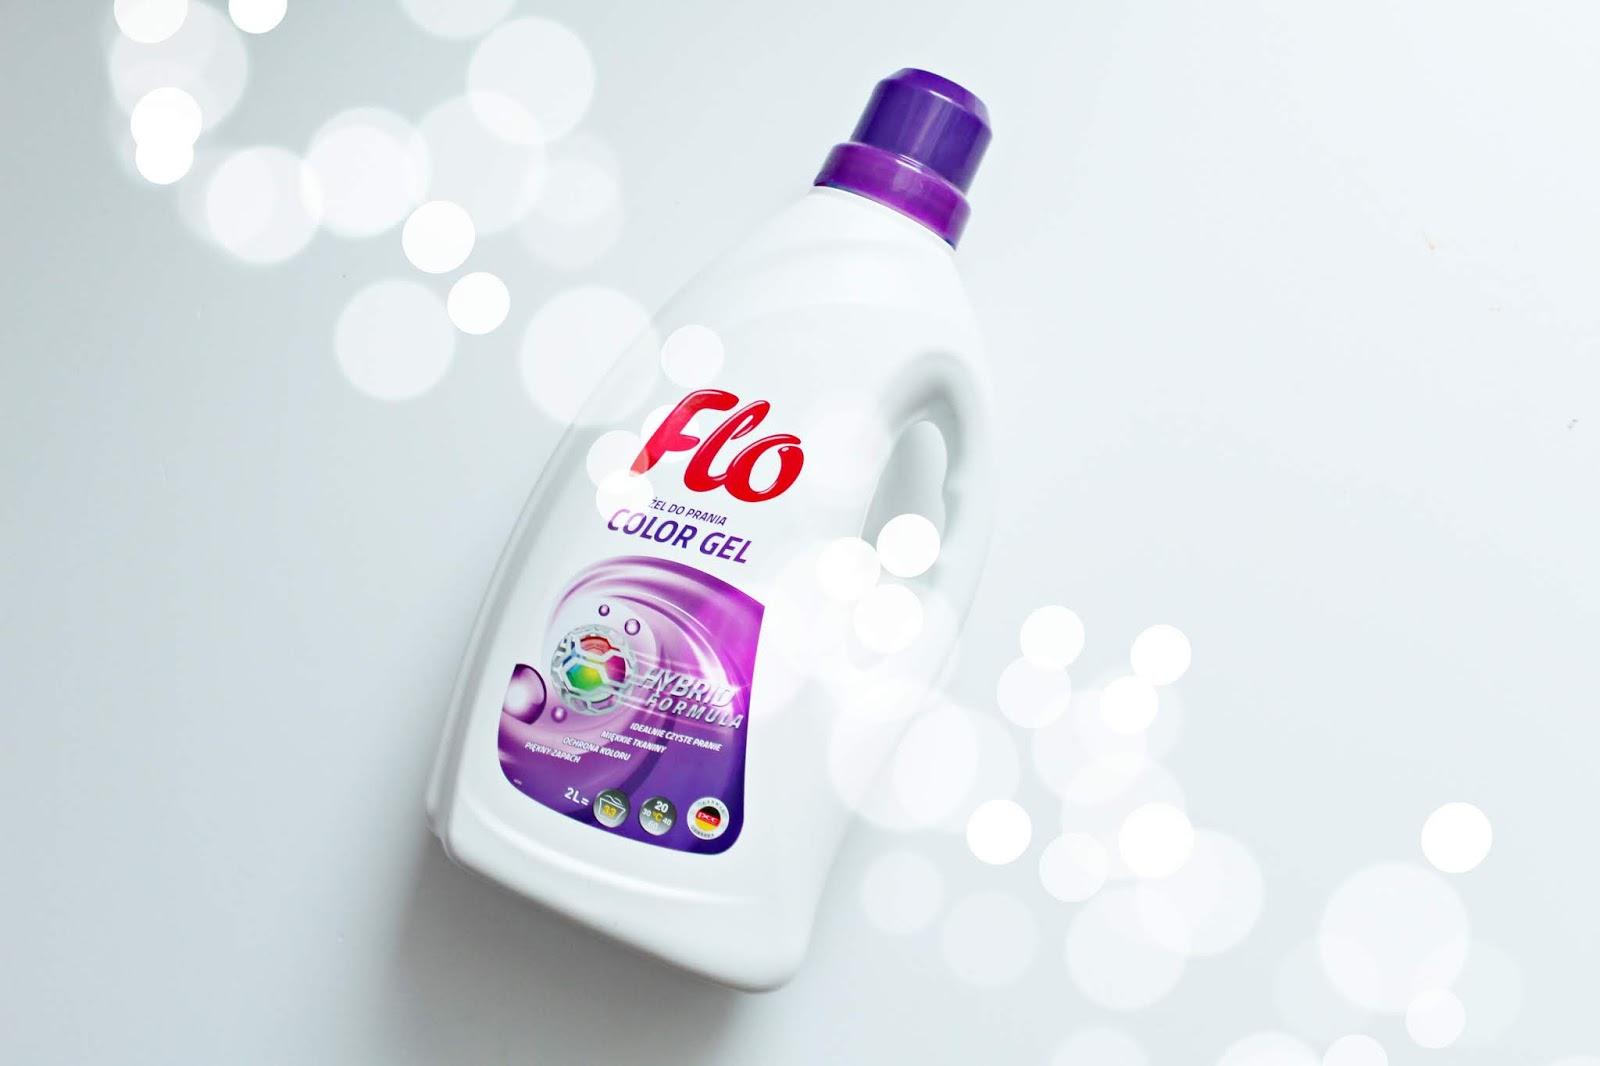 żel do prania FLO Hybrid Color